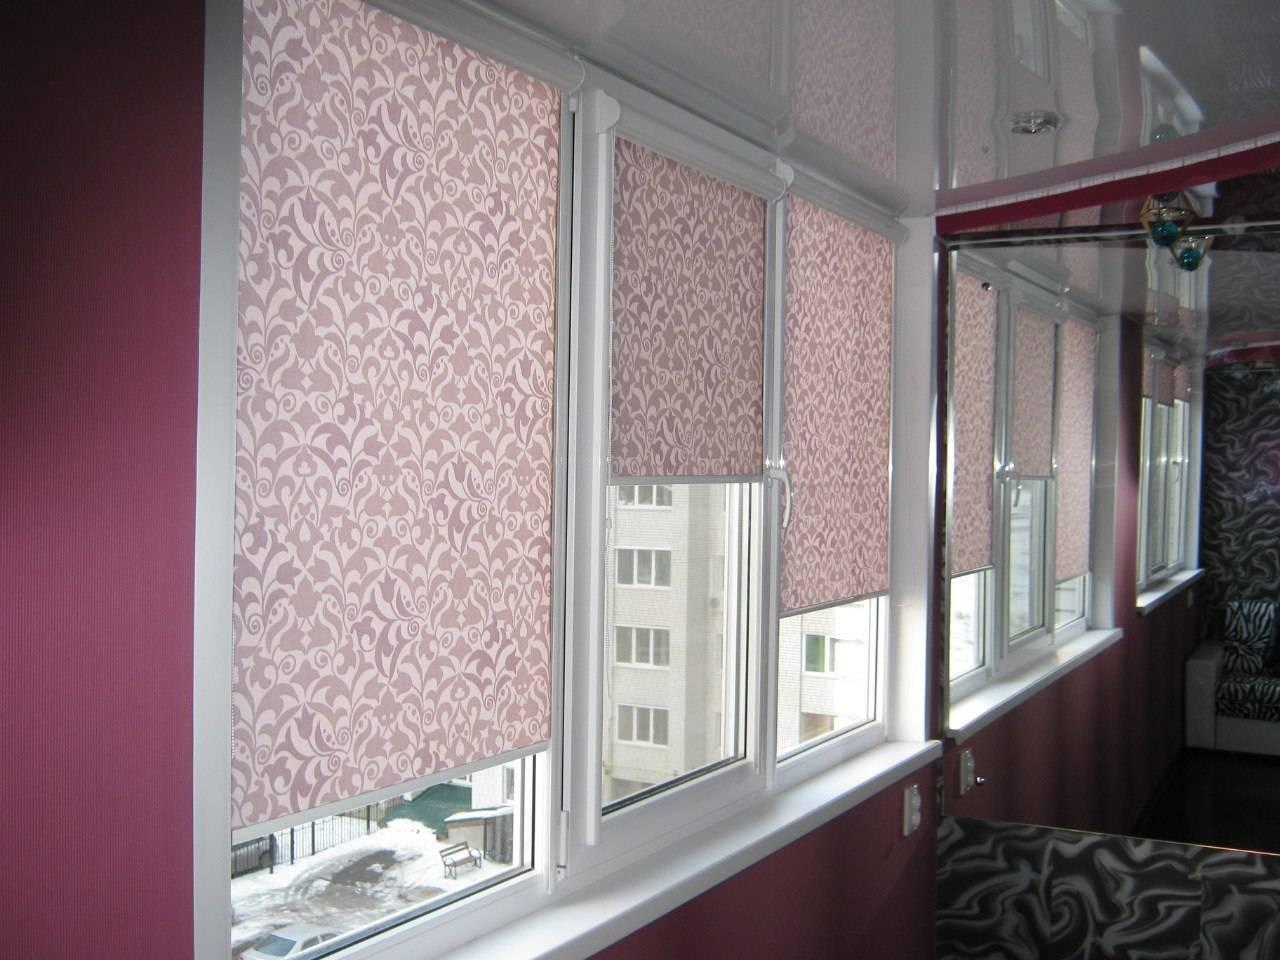 Что лучше жалюзи или рулонные шторы на балкон: как подобрать, разновидности